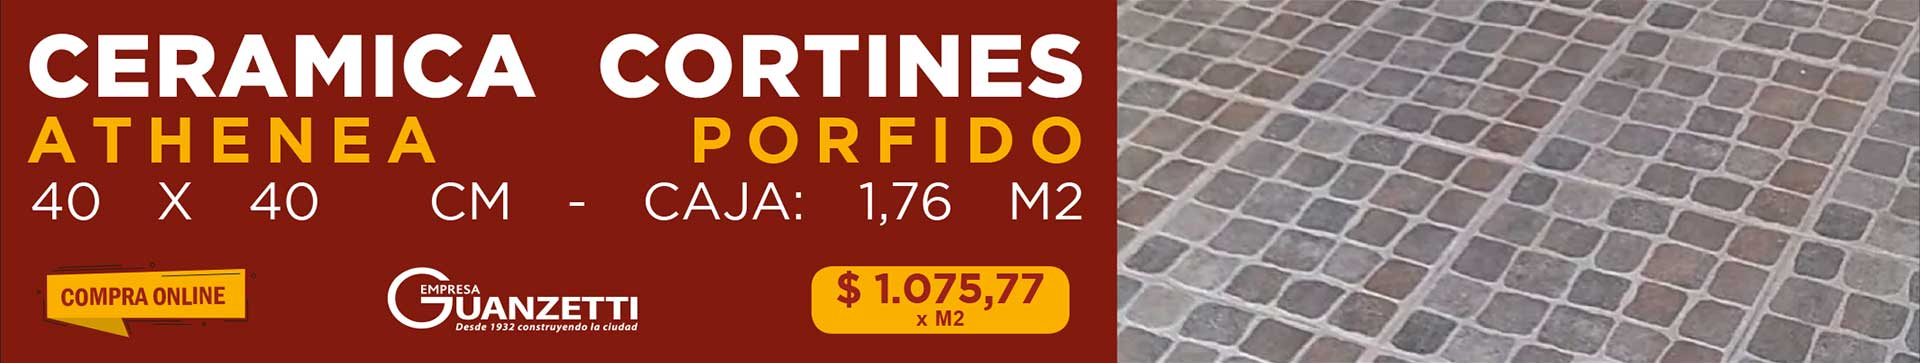 Ceramica Cortines Athenea Porfido 40X40